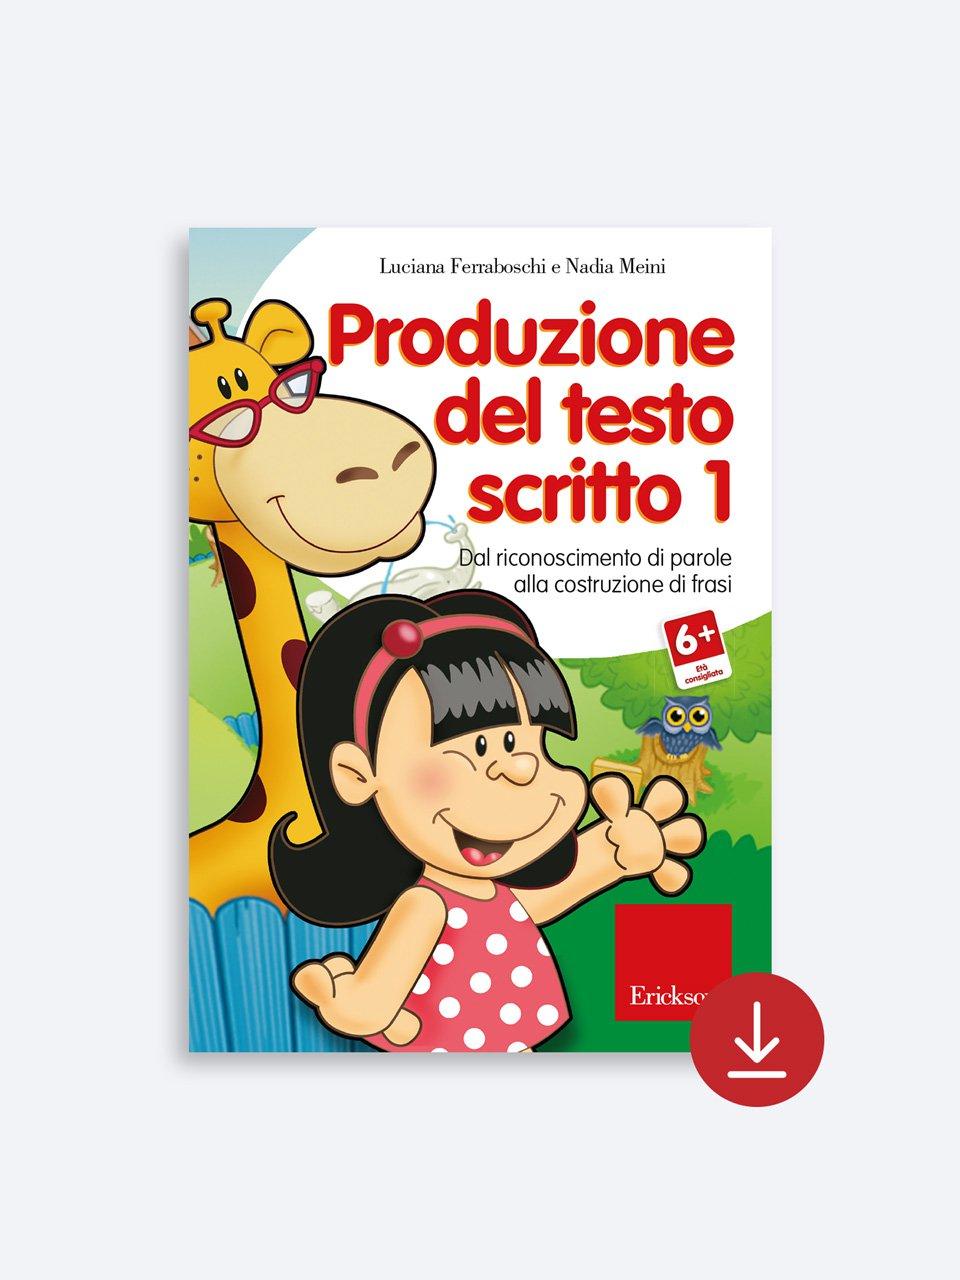 Produzione del testo scritto - Livello 1 - Luciana Ferraboschi - Erickson 2